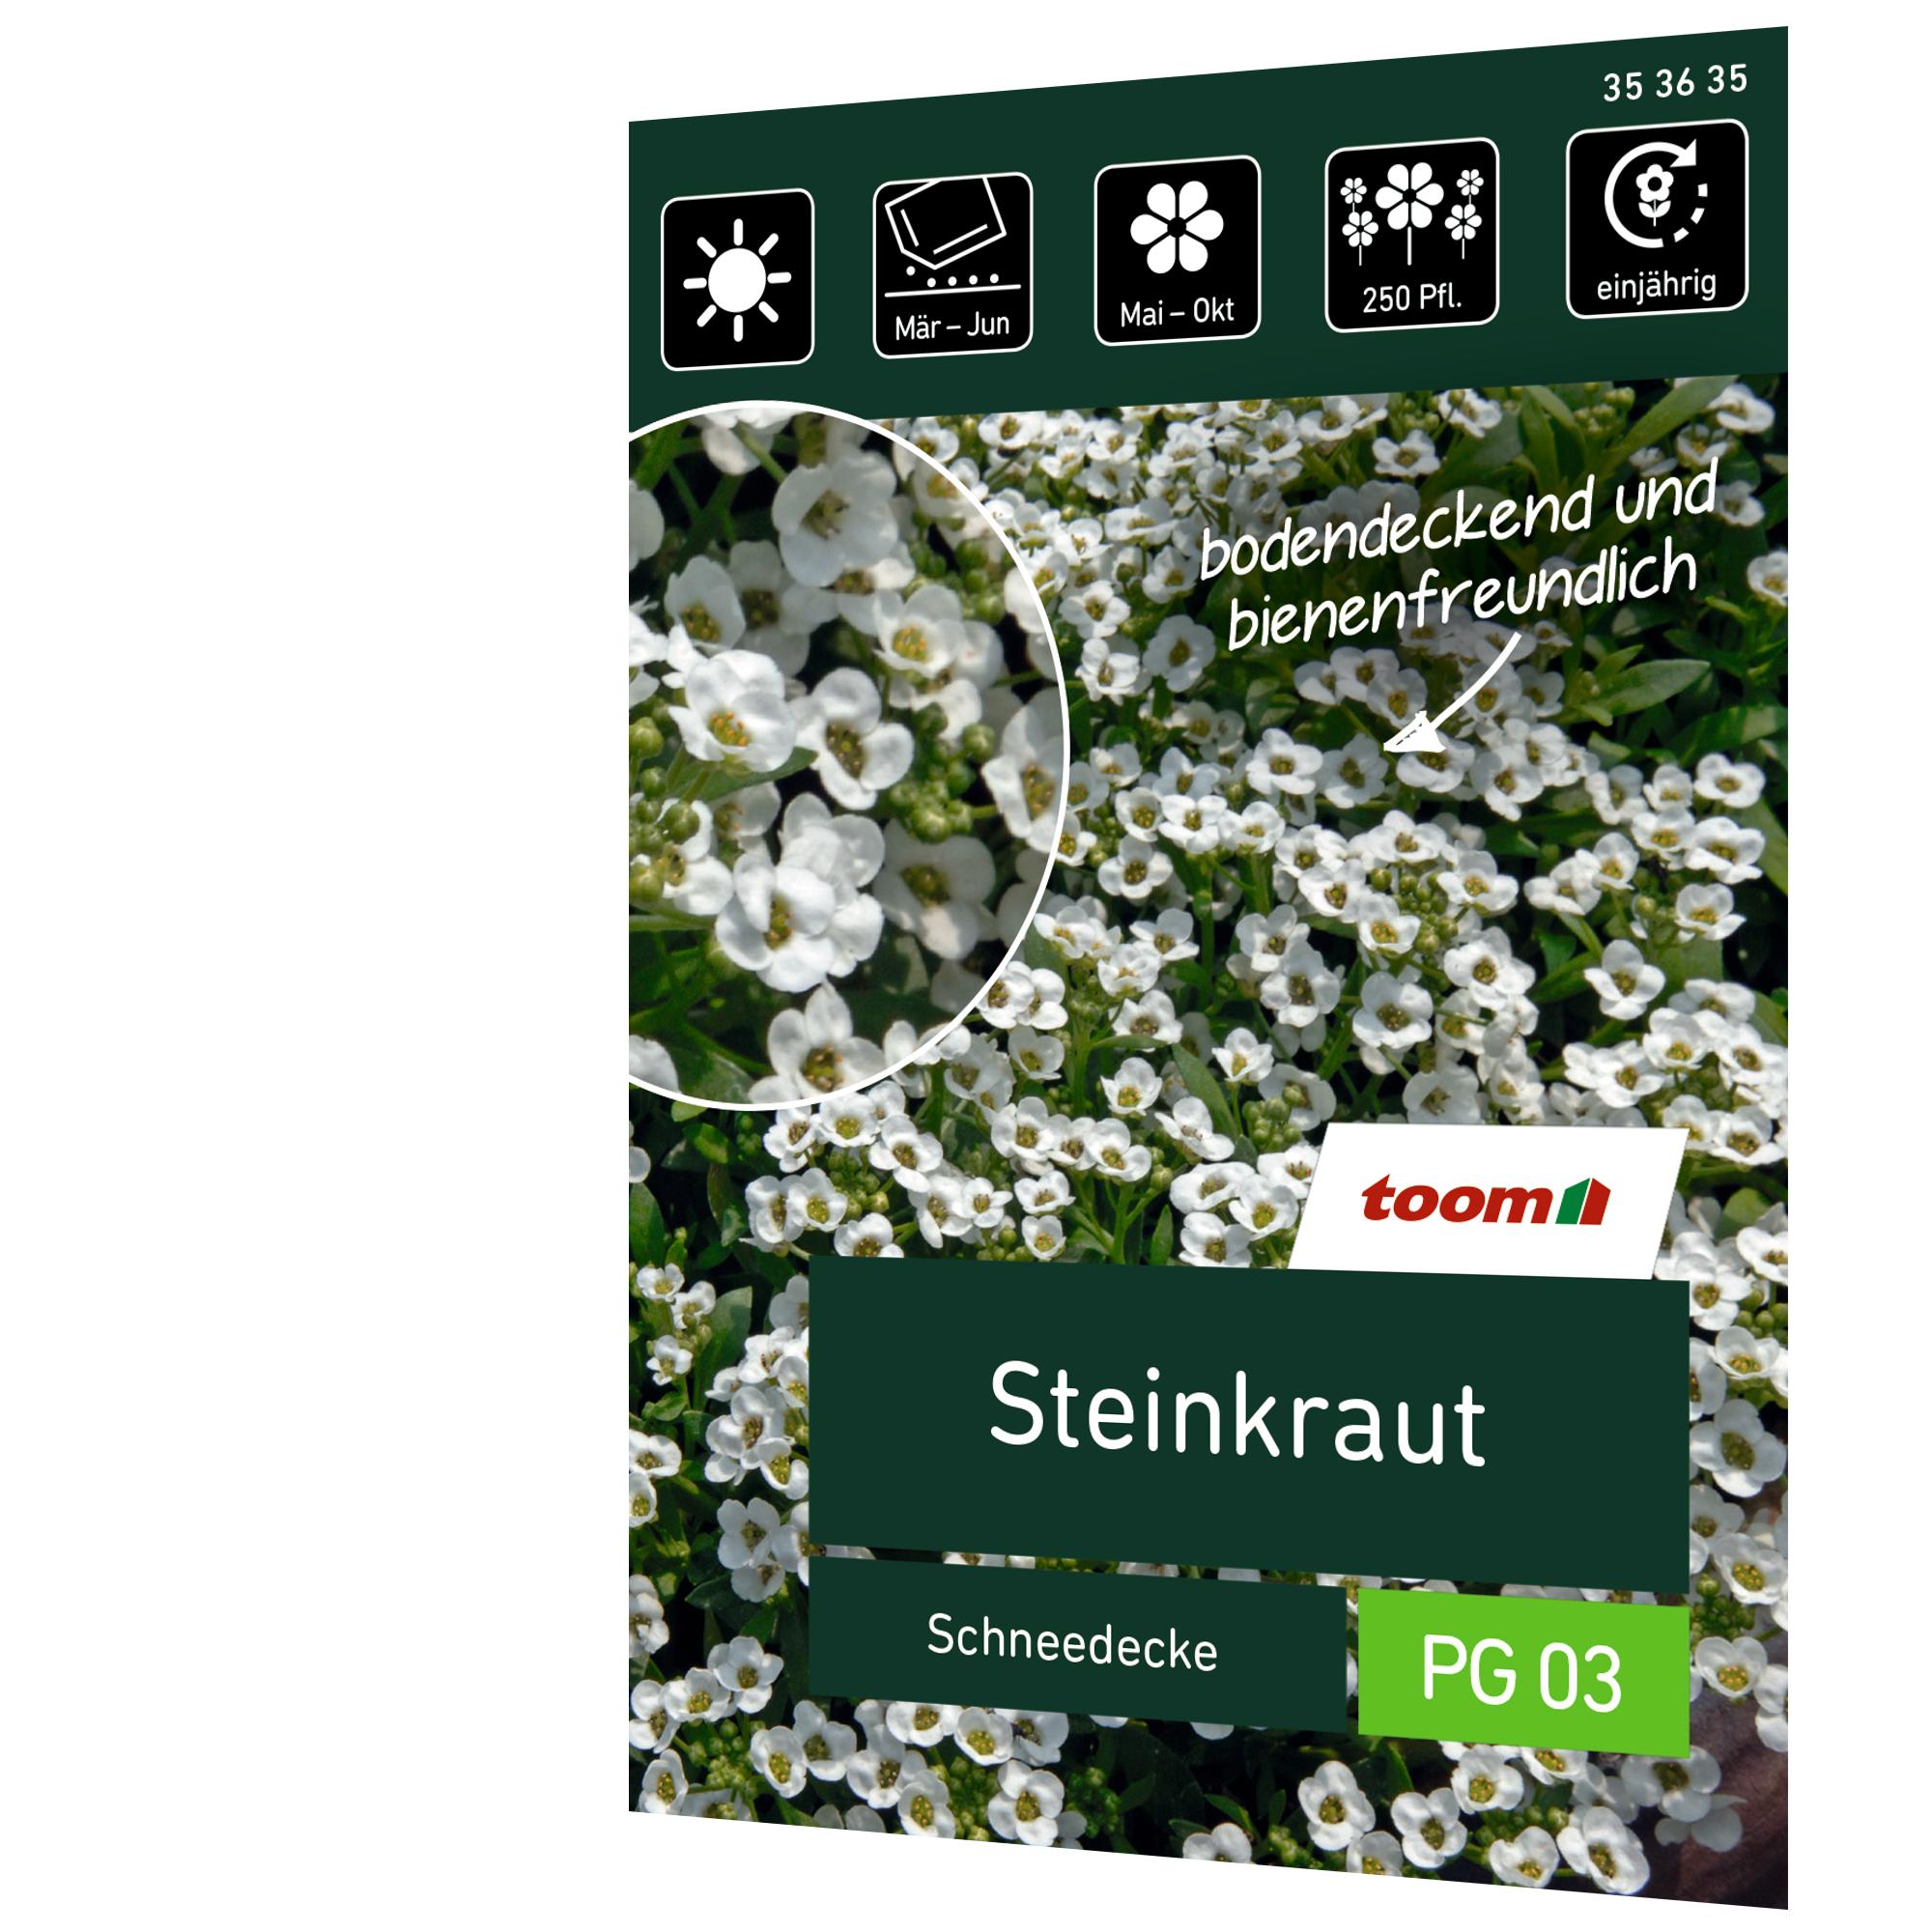 toom Steinkraut 'Schneedecke'